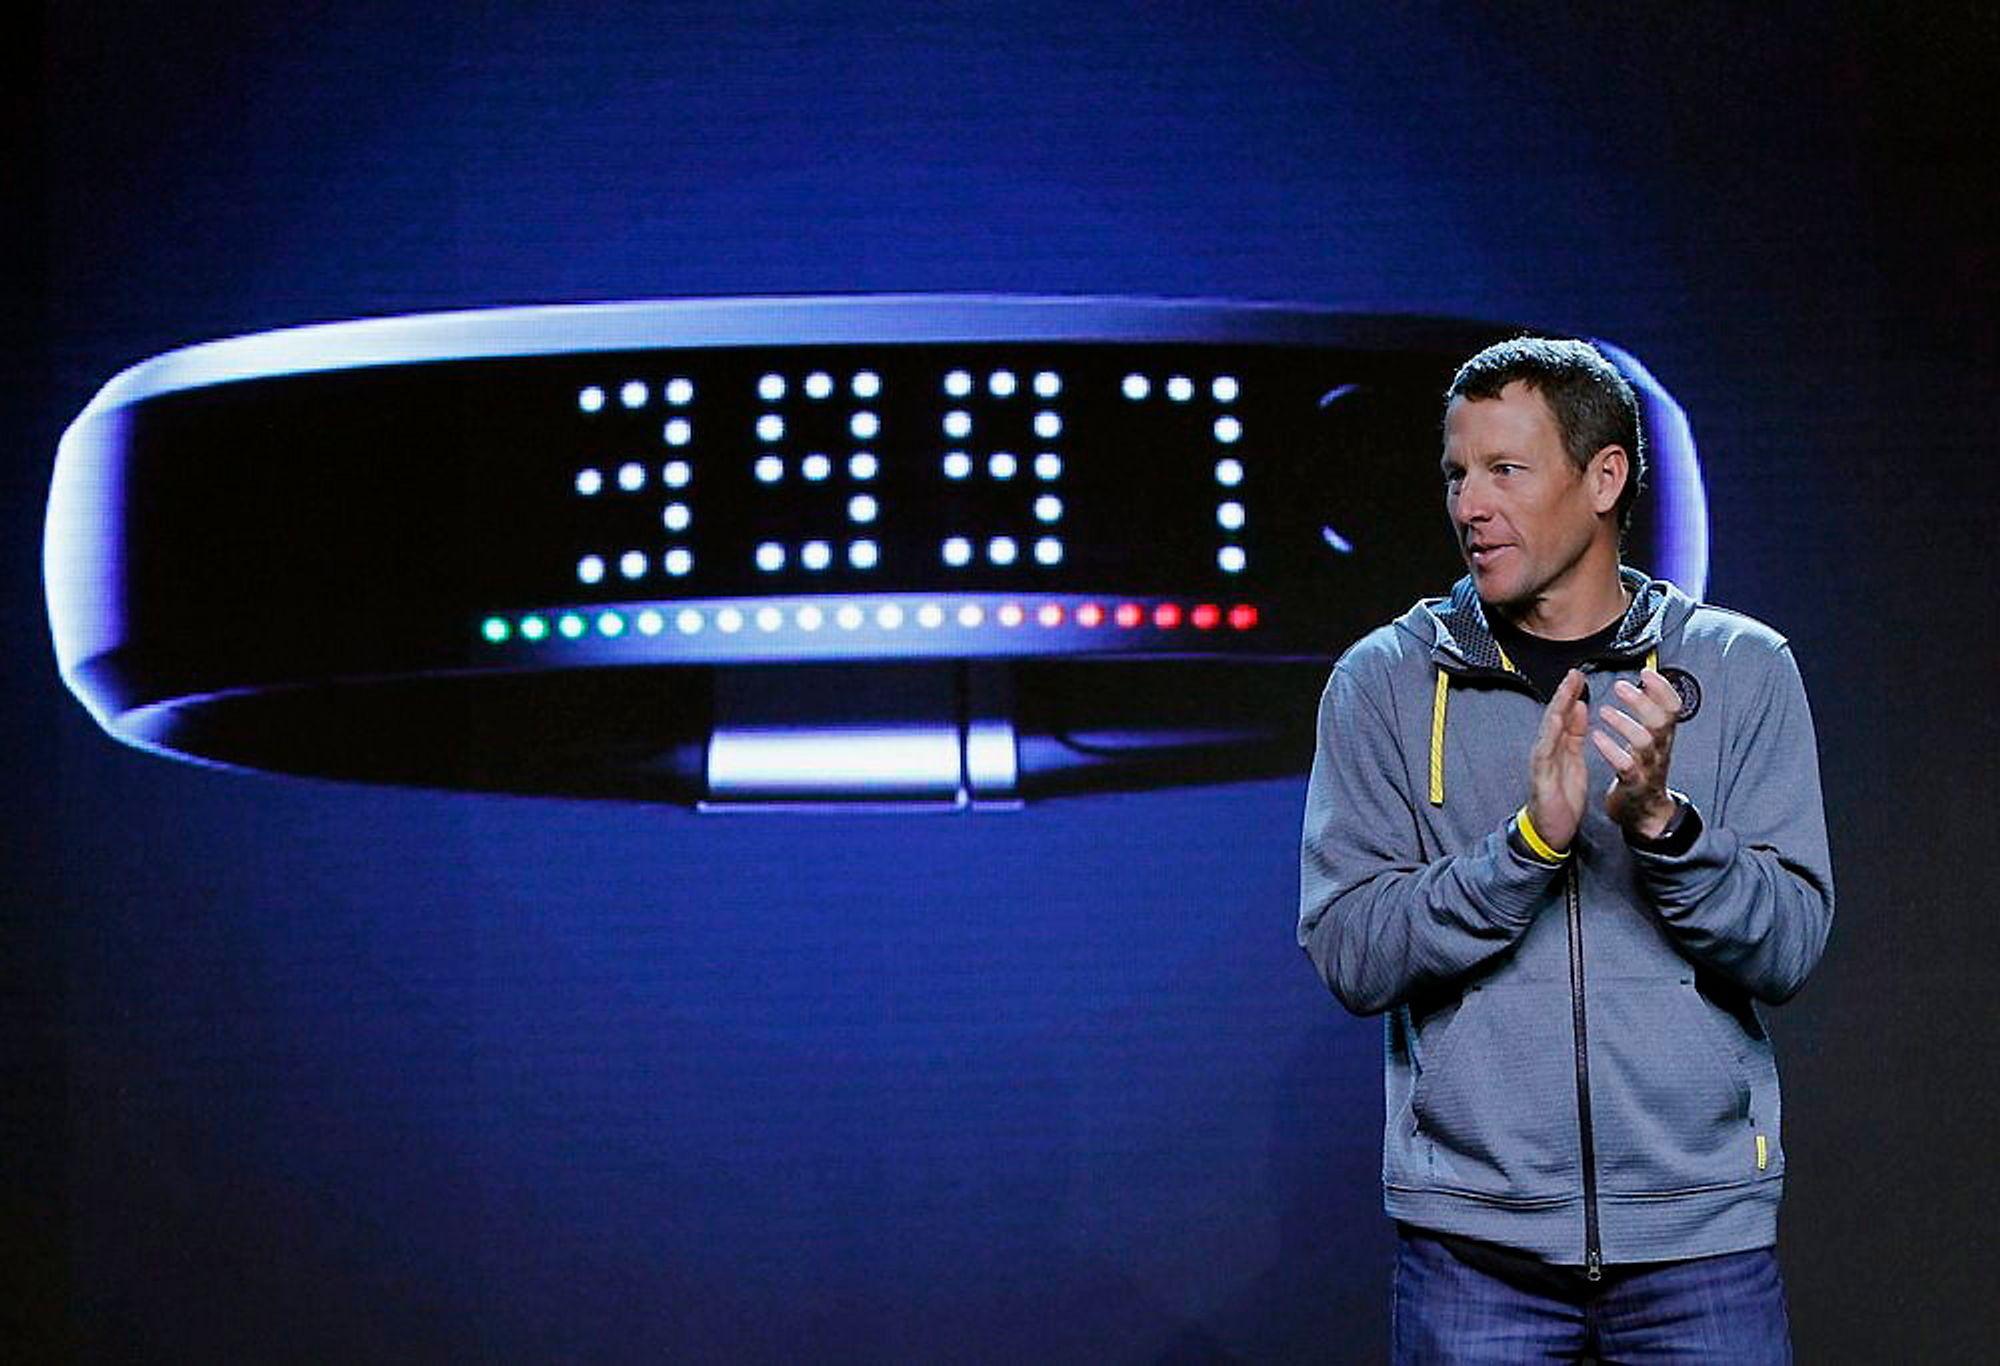 NIKE FUELBAND: Syv ganger Tour de France-vinner Lance Armstrong lanserte nye NIKE+ FuelBand, et innovativt armbånd som måler og logger alle dine bevegelser.